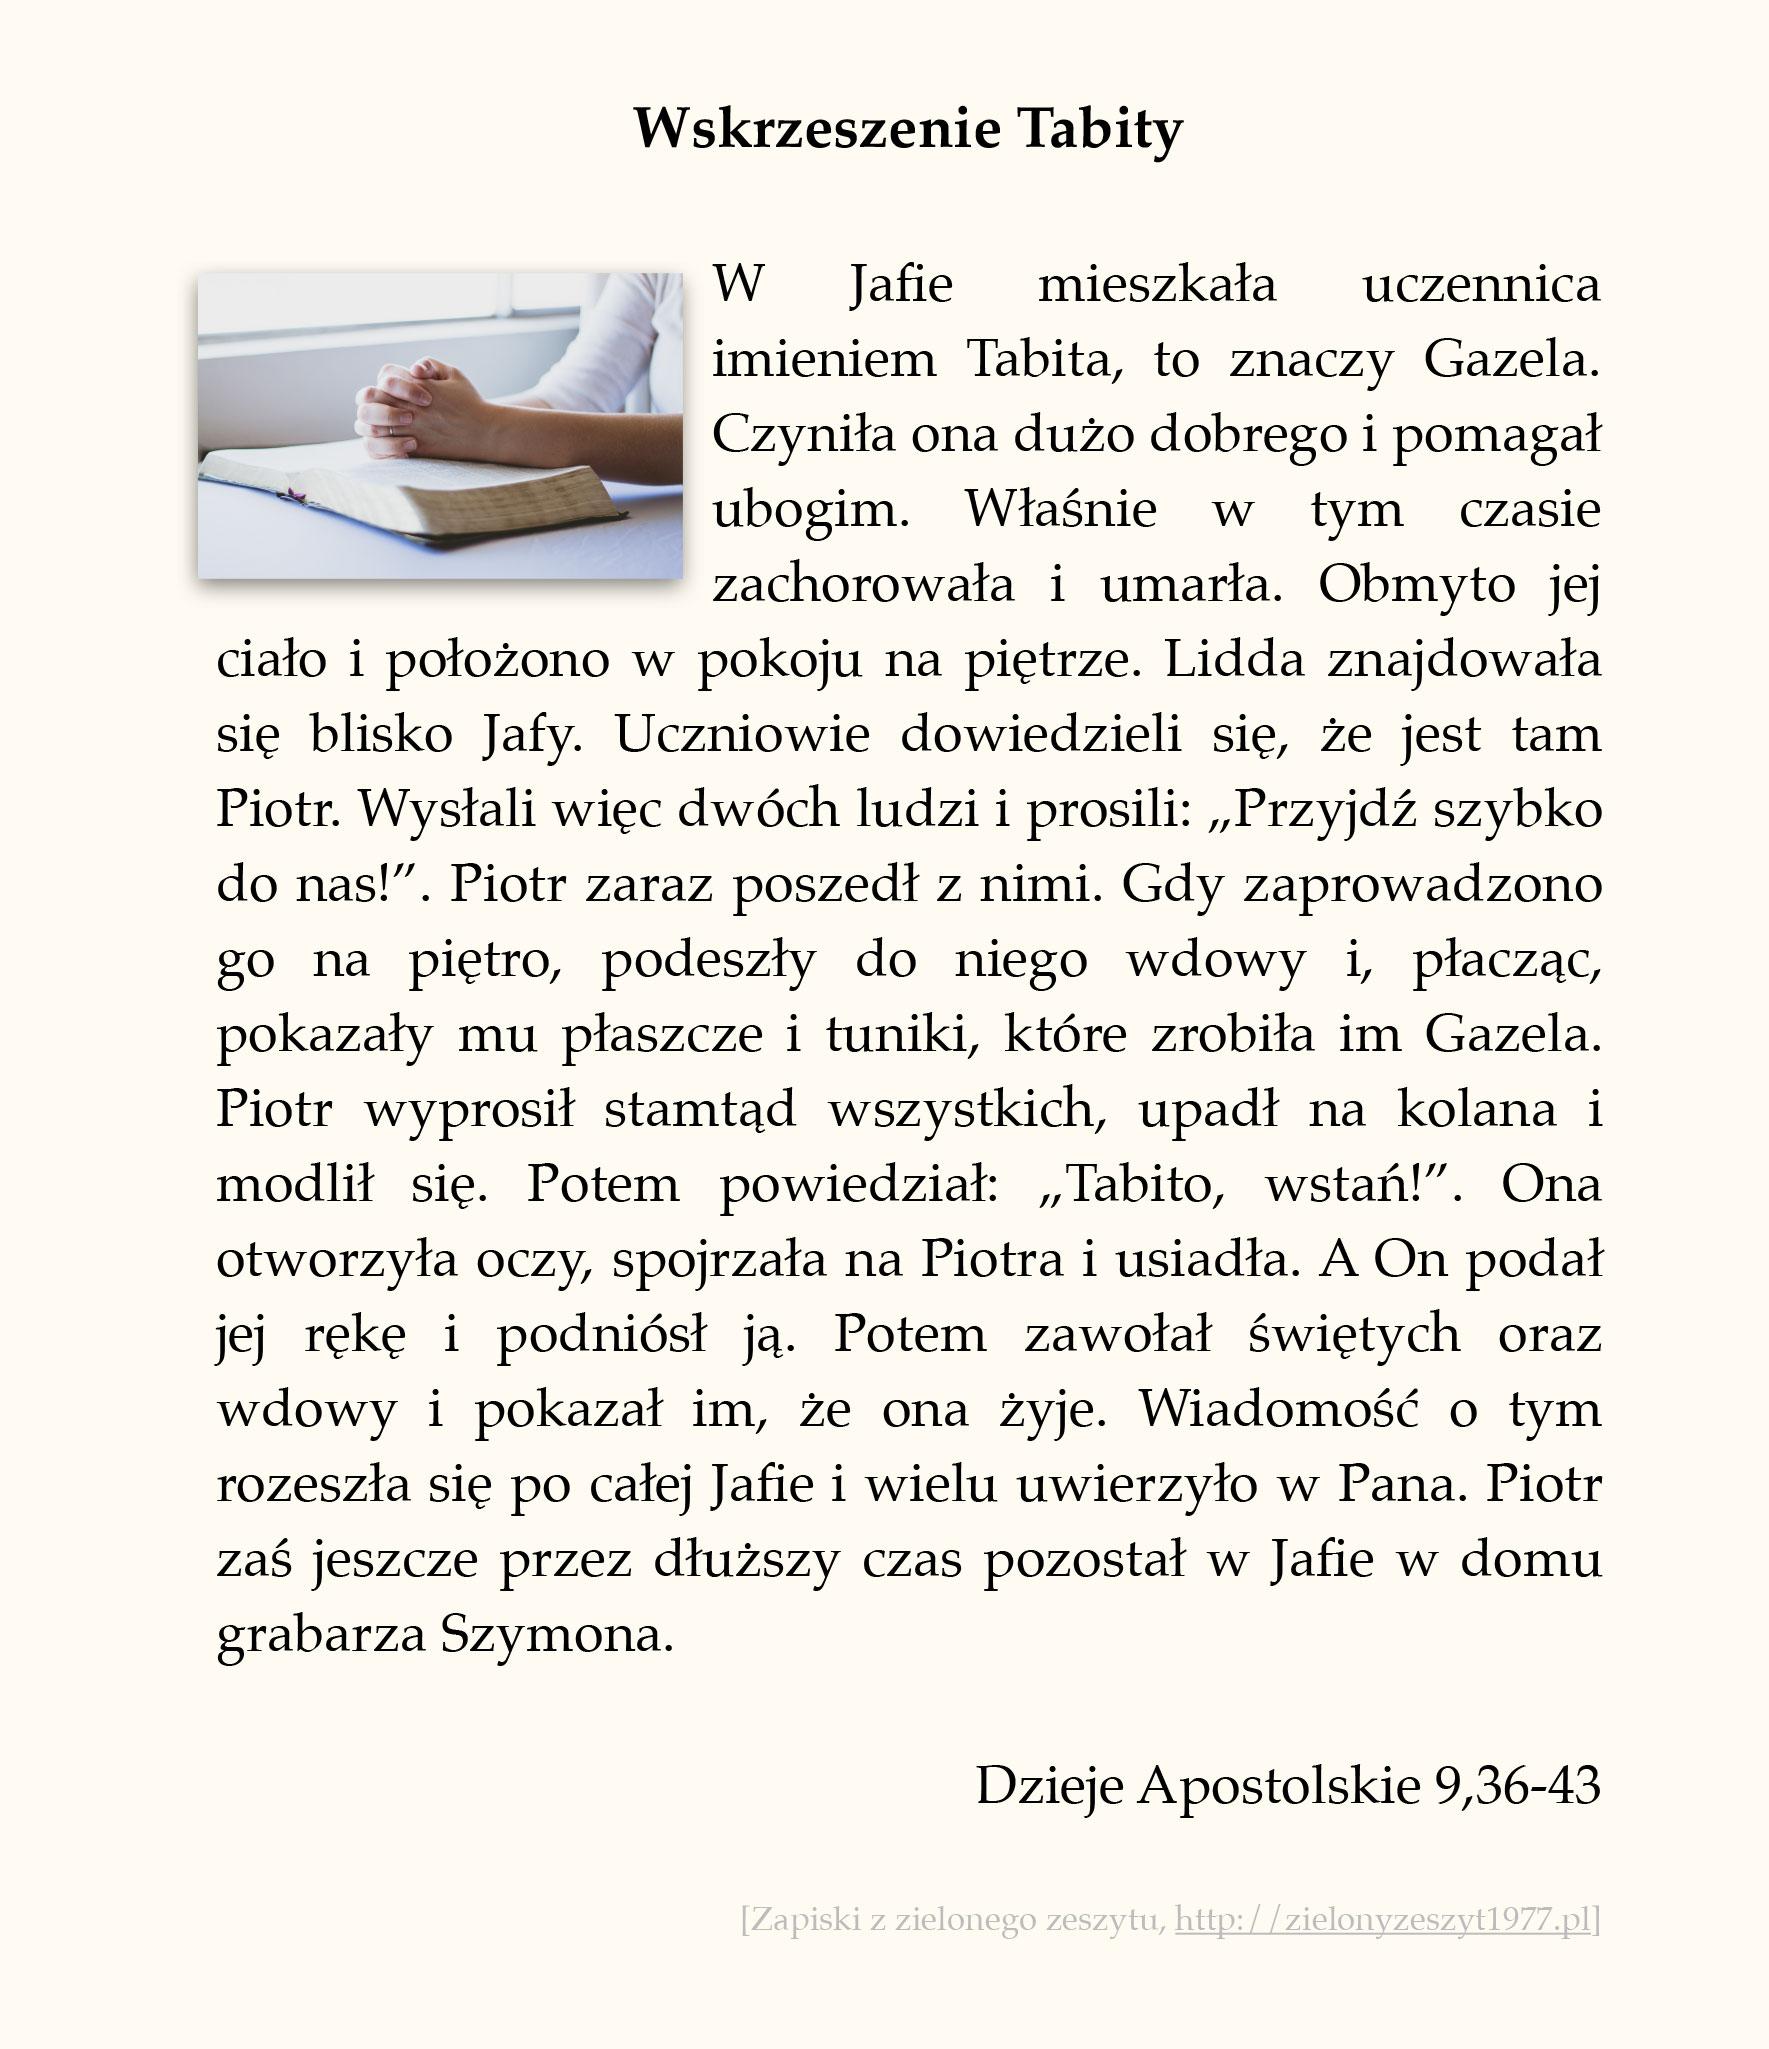 Wskrzeszenie Tabity; Dzieje Apostolskie (#44)